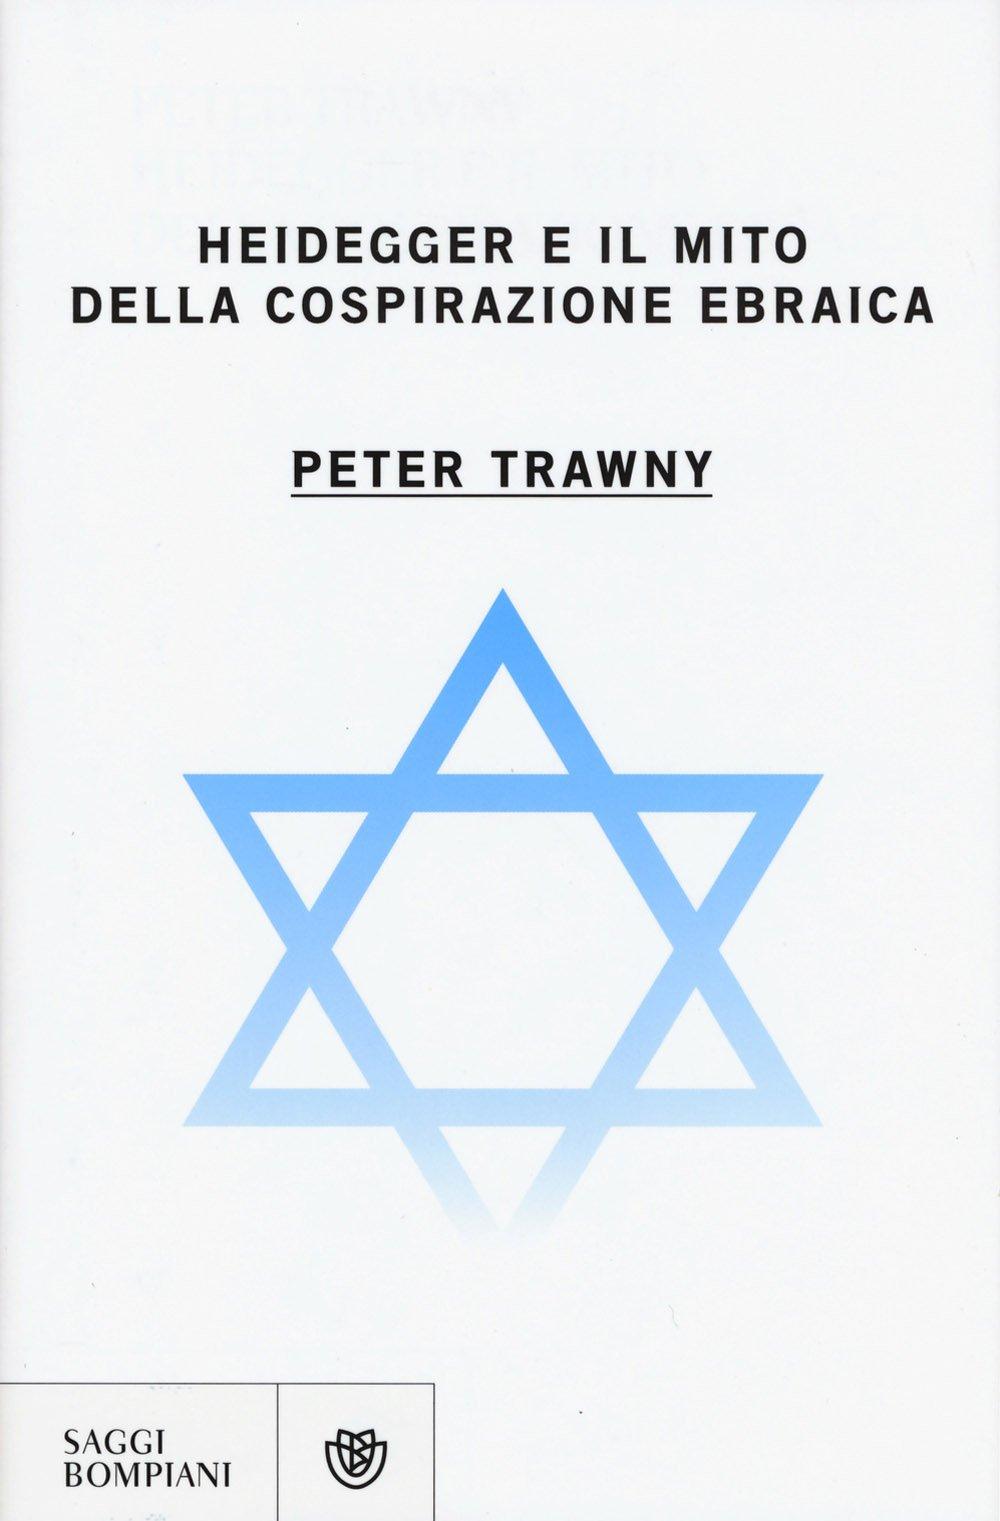 Heidegger e il mito della cospirazione ebraica: Amazon.it: Trawny, Peter,  Caradonna, Chiara: Libri